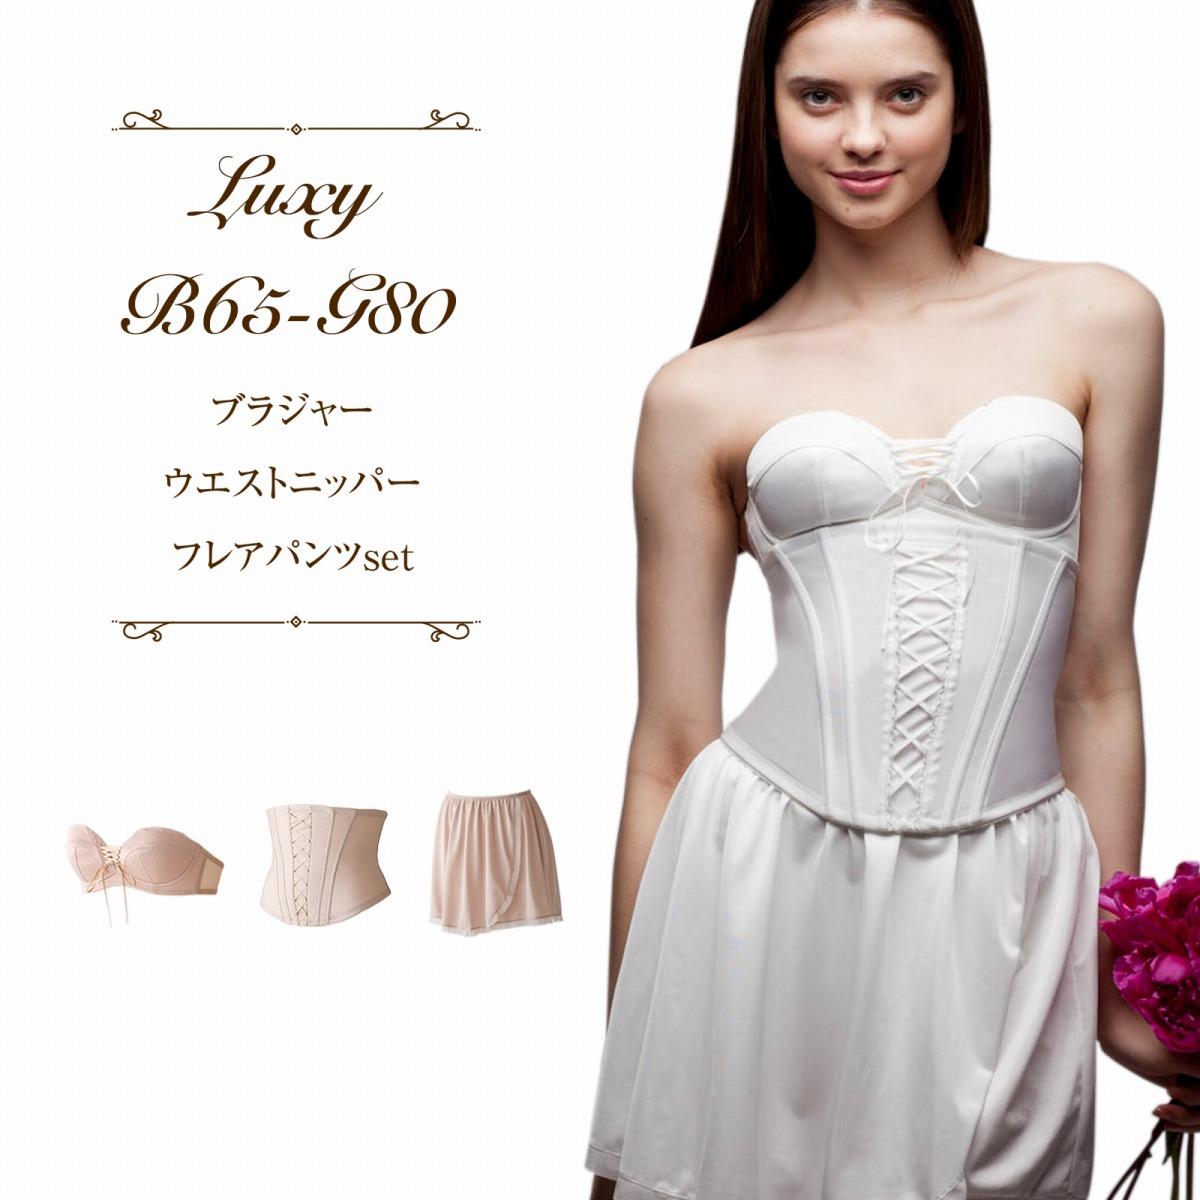 期間限定50%OFF~2月29日まで●日本製 ブライダルインナー 3点セット<B-Gブラジャー・ウエストニッパー・フレアパンツ>フレアパンツ ブライダル インナー ウエディング ウエディングインナー ブライダル下着 ウェディング Bridal wedding inner